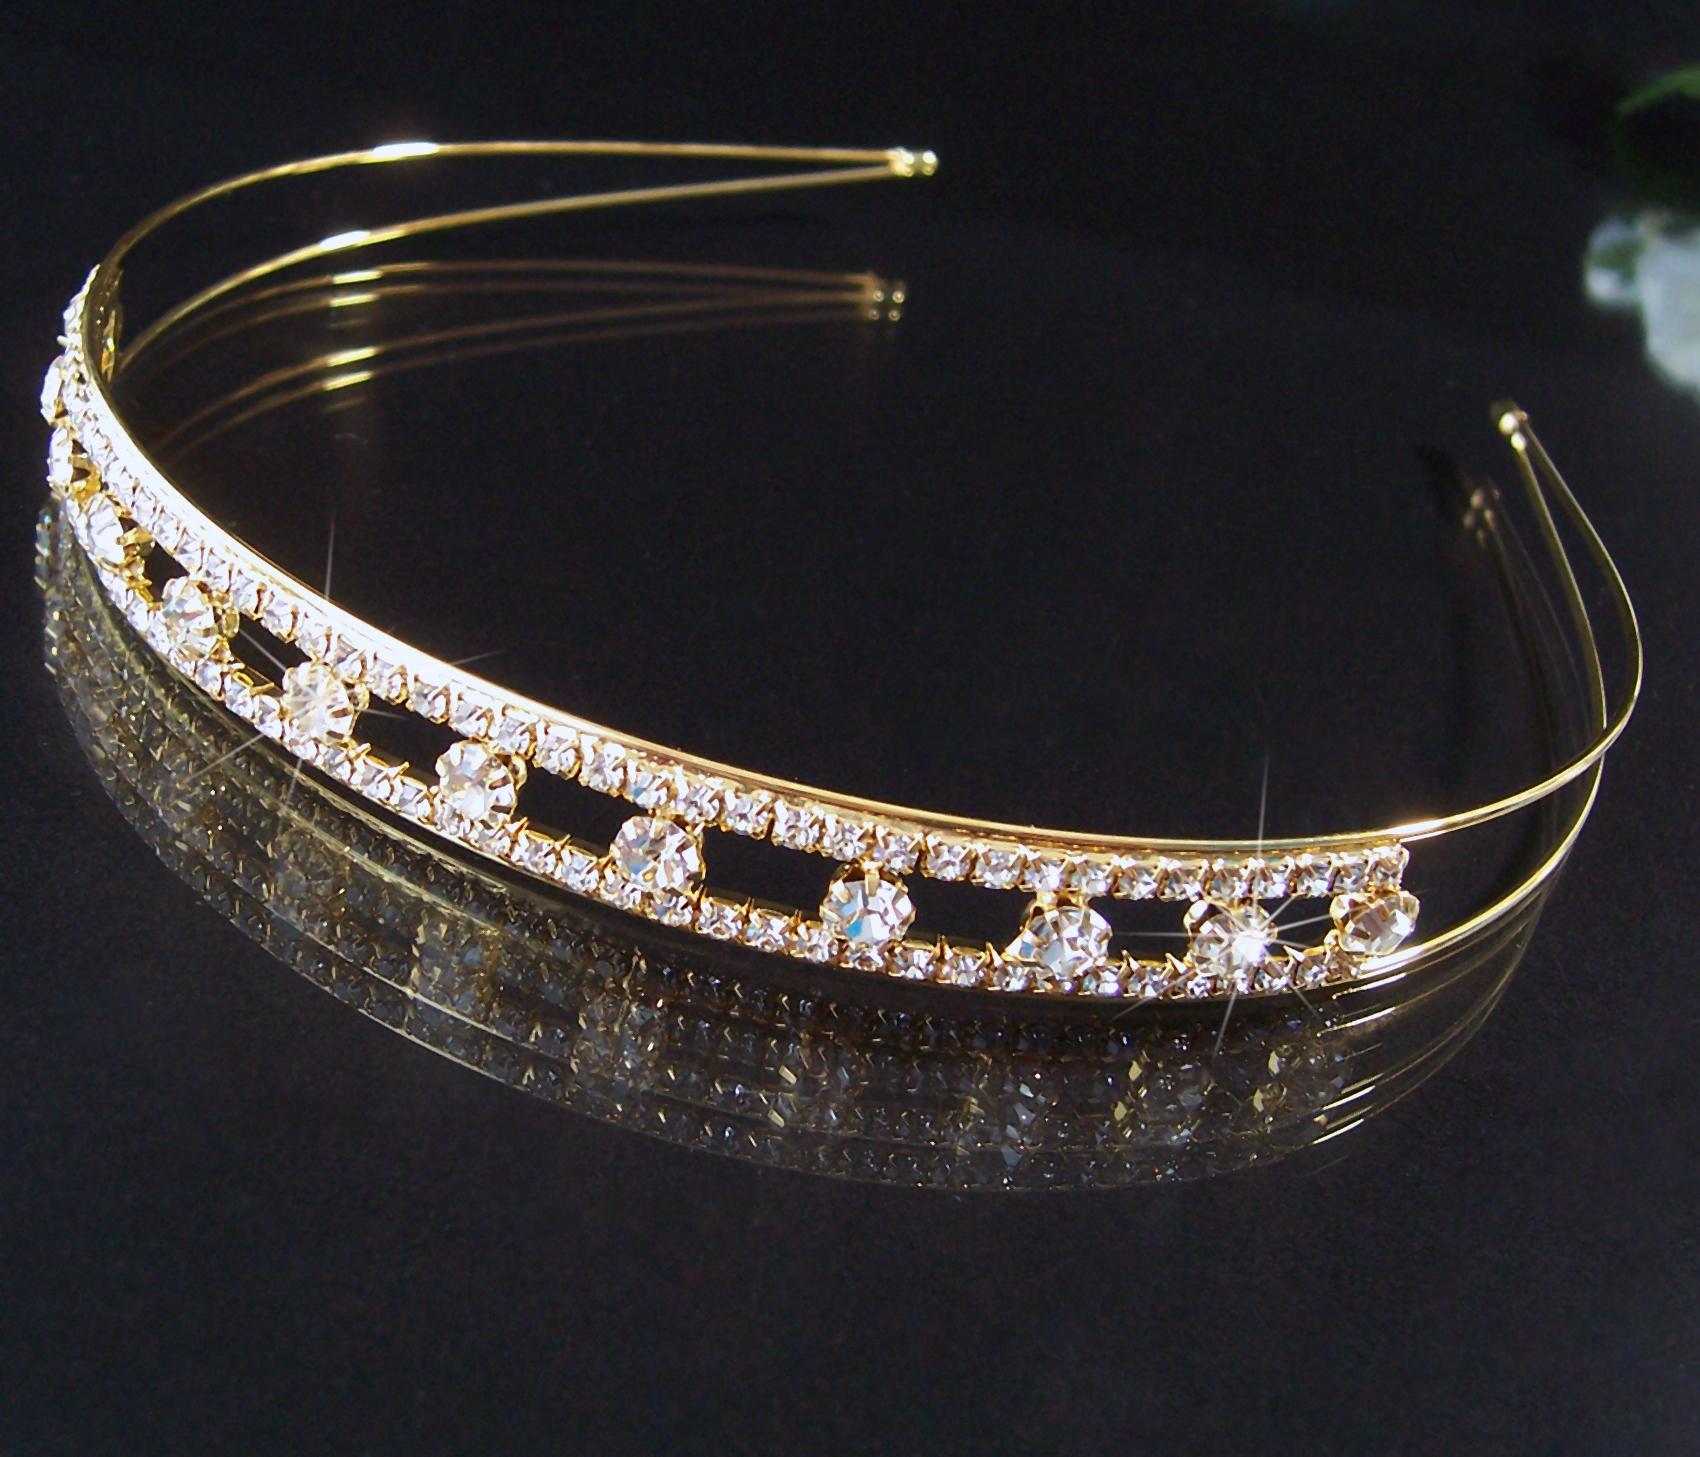 Tiara Diadem Haarreif 14mm Kommunion Hochzeit Schmuck Braut gold Strass H2068